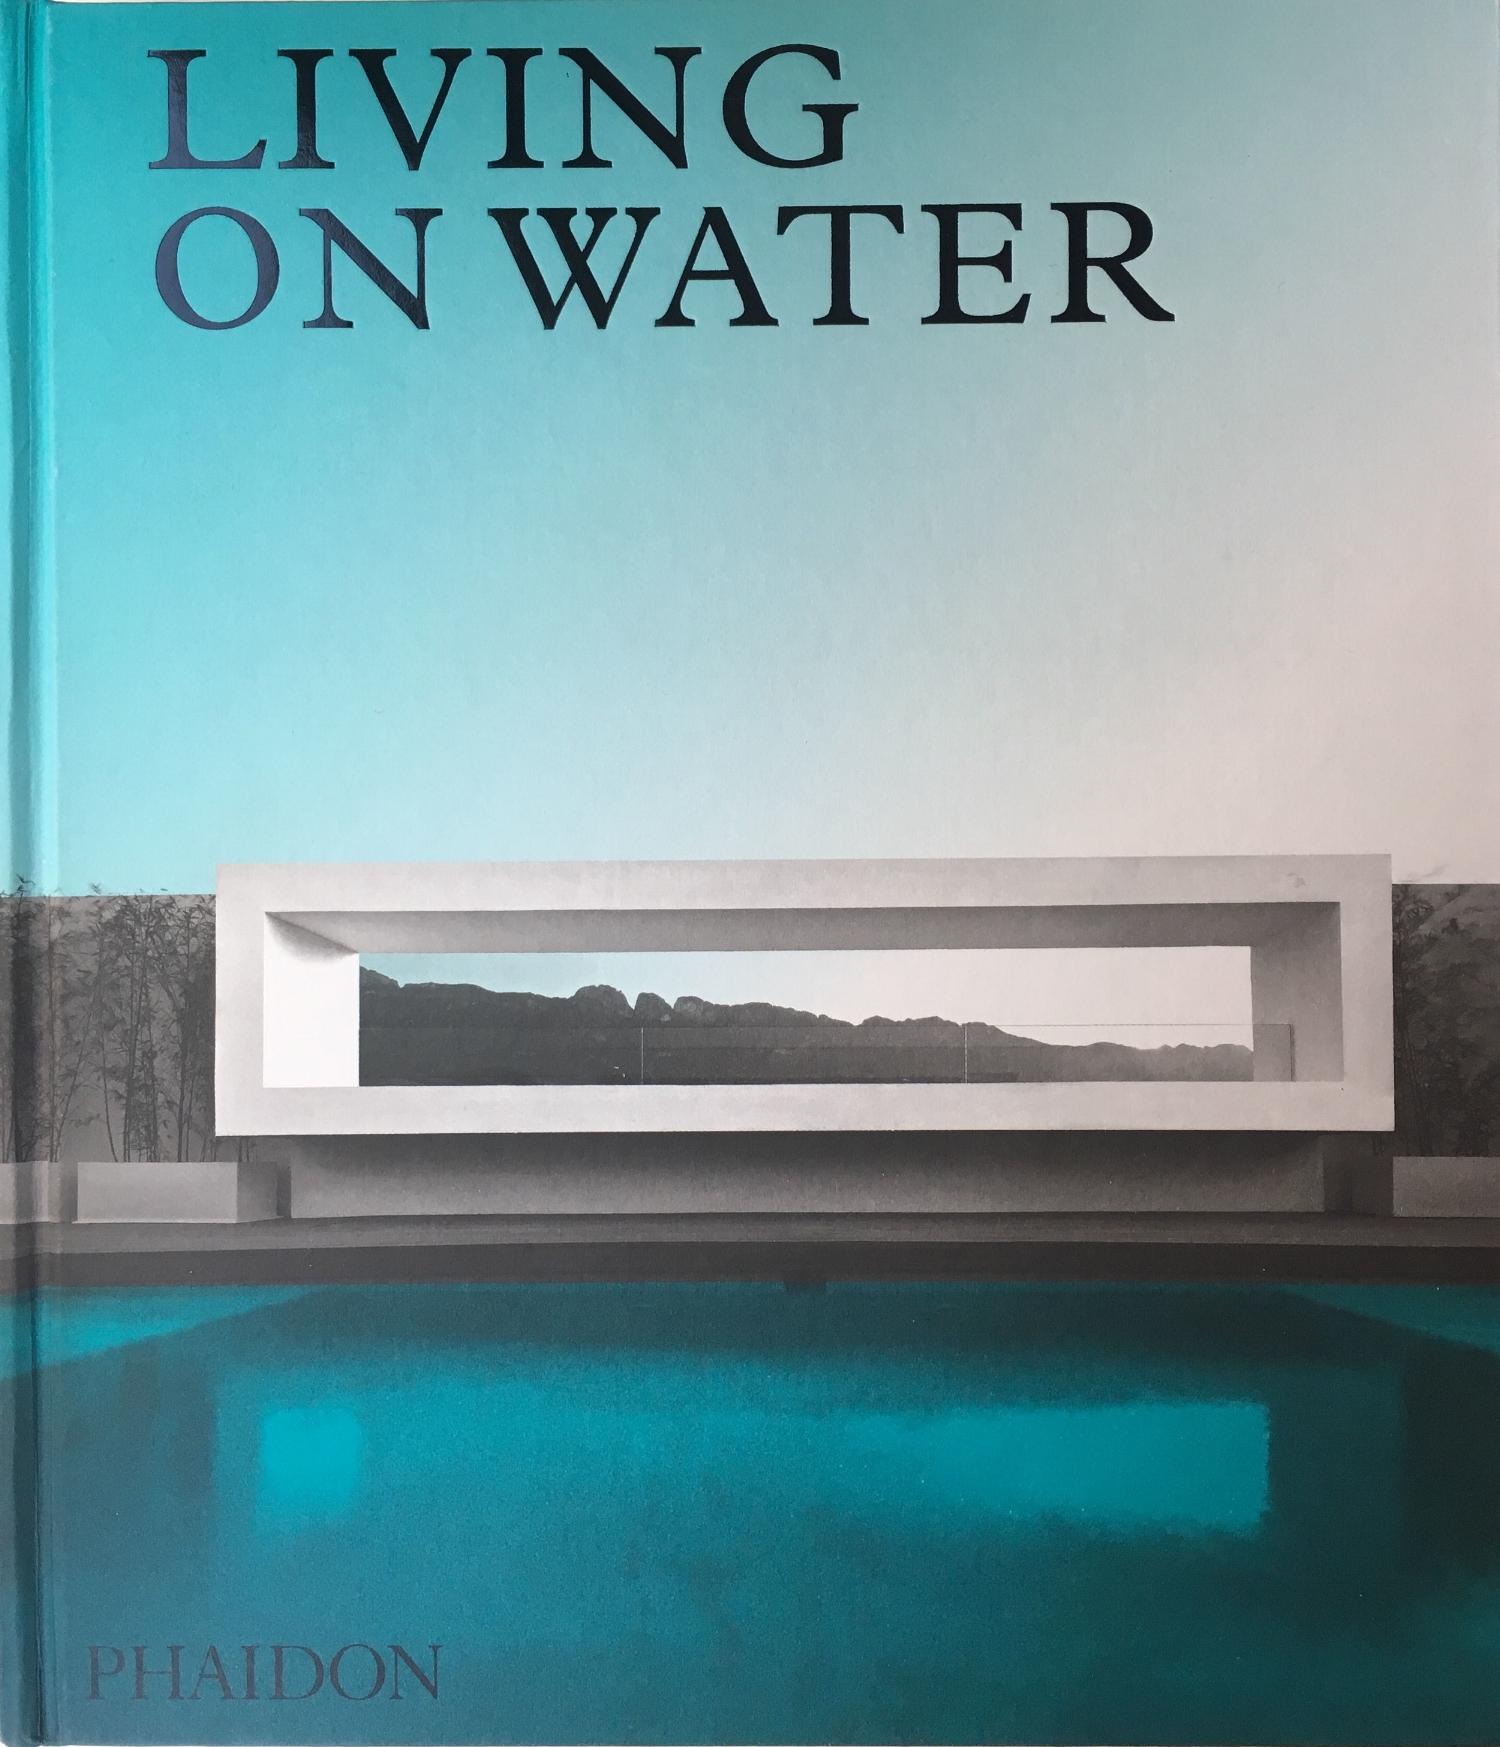 Living on water.jpg